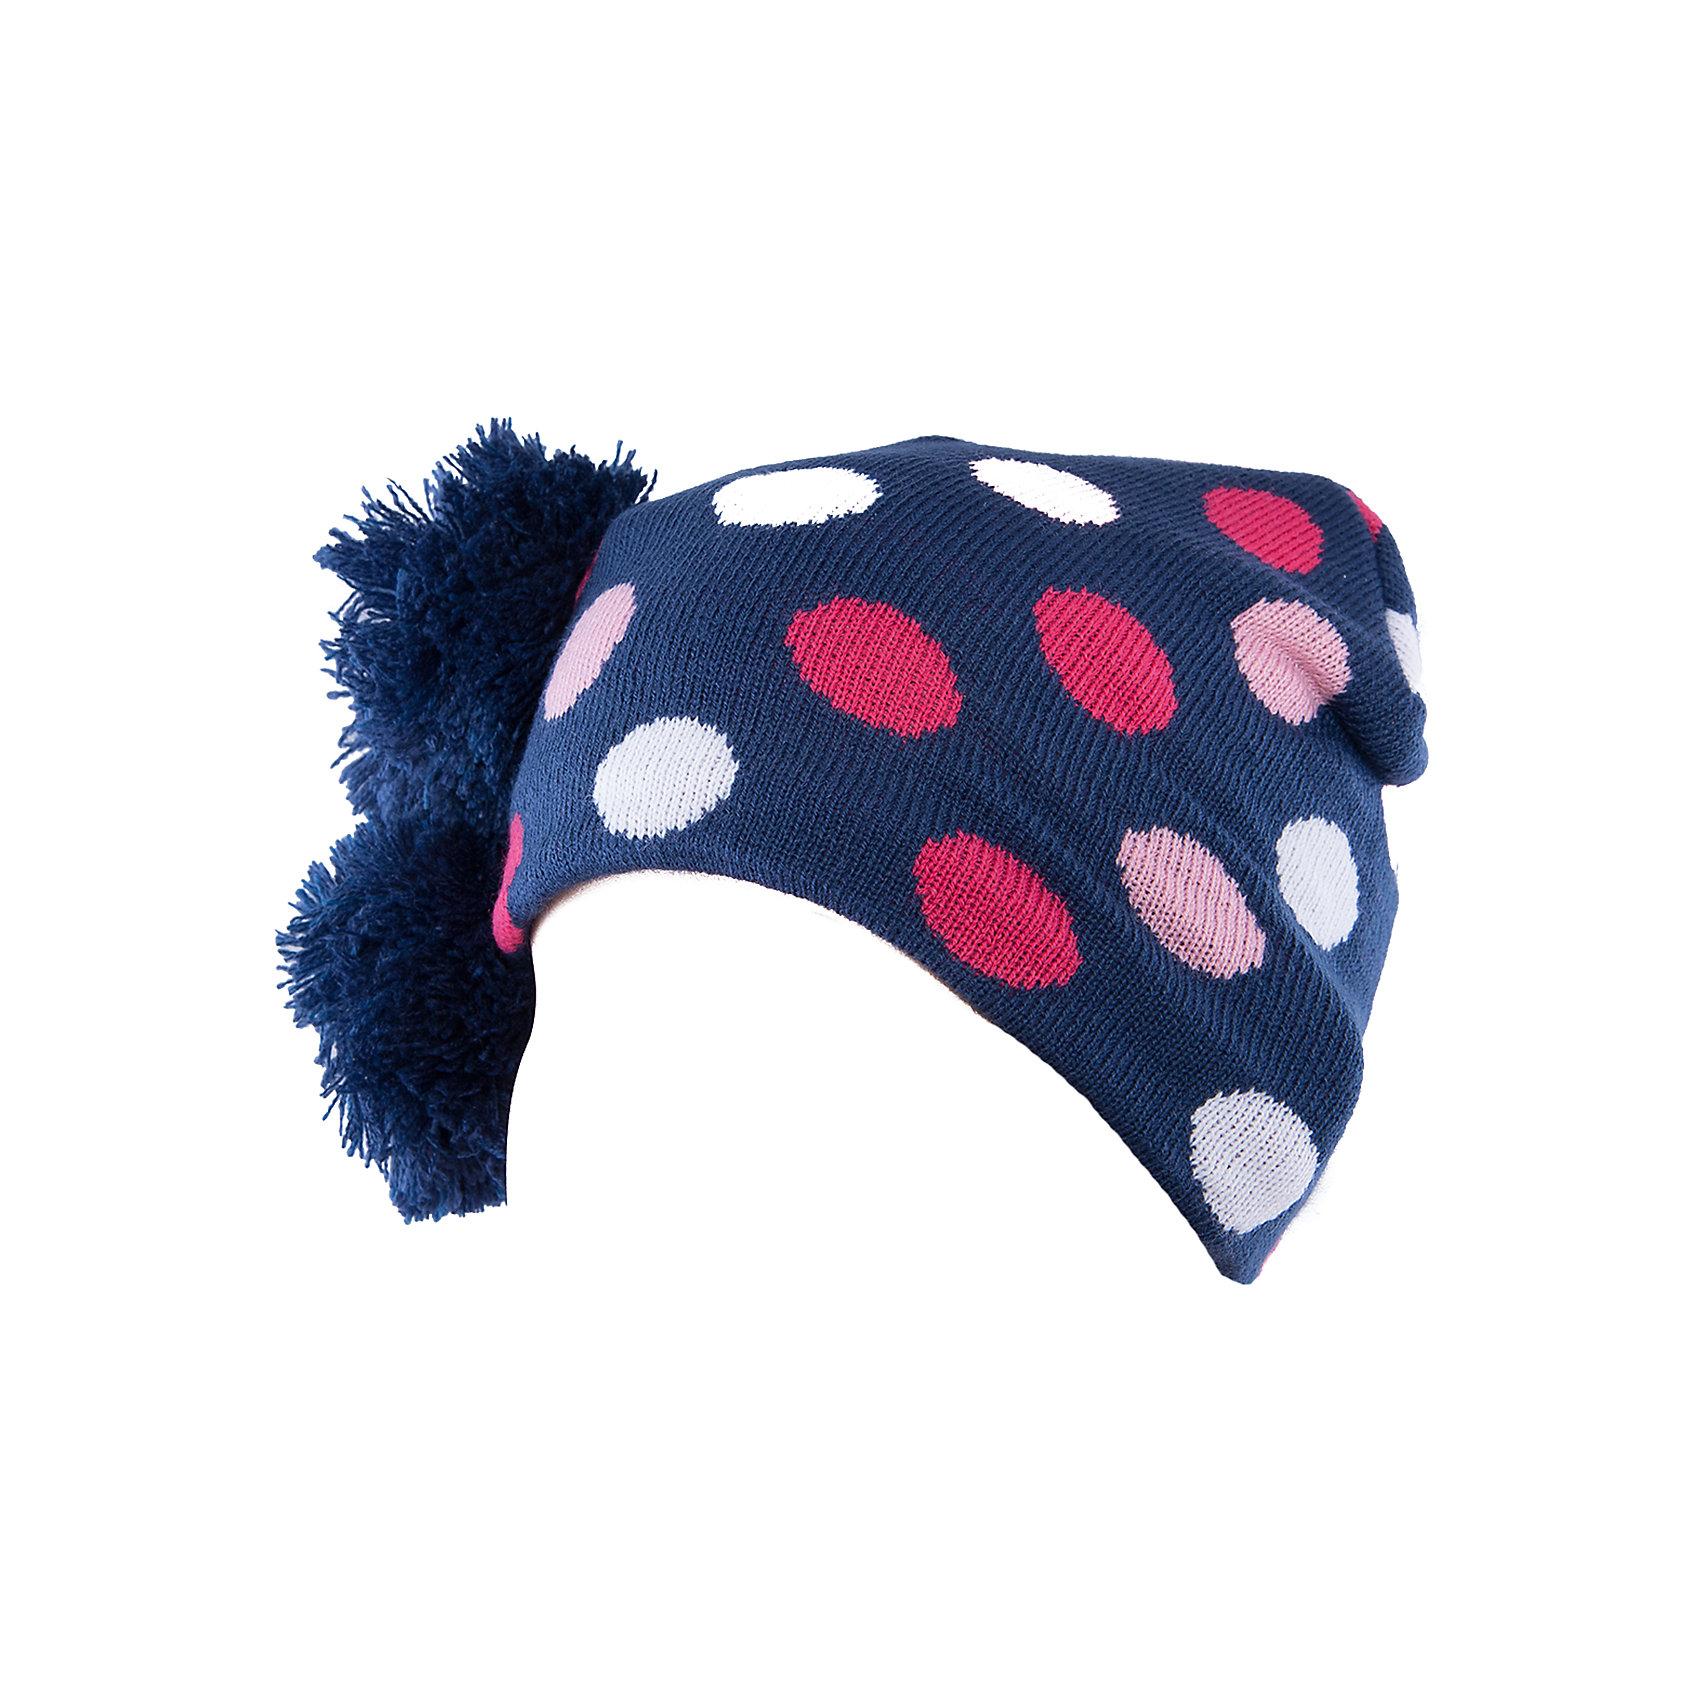 Шапочка для девочки PlayTodayШапочка для девочки от известного бренда PlayToday.<br>Яркая вязаная шапочка в яркий горошекю Внутри уютная флисовая подкладка. Украшена забавными помпонами.<br>Состав:<br>Верх: 100% акрил,  подкладка: 100% полиэстер<br><br>Ширина мм: 157<br>Глубина мм: 13<br>Высота мм: 119<br>Вес г: 200<br>Цвет: разноцветный<br>Возраст от месяцев: 12<br>Возраст до месяцев: 18<br>Пол: Женский<br>Возраст: Детский<br>Размер: 46,48<br>SKU: 4901162